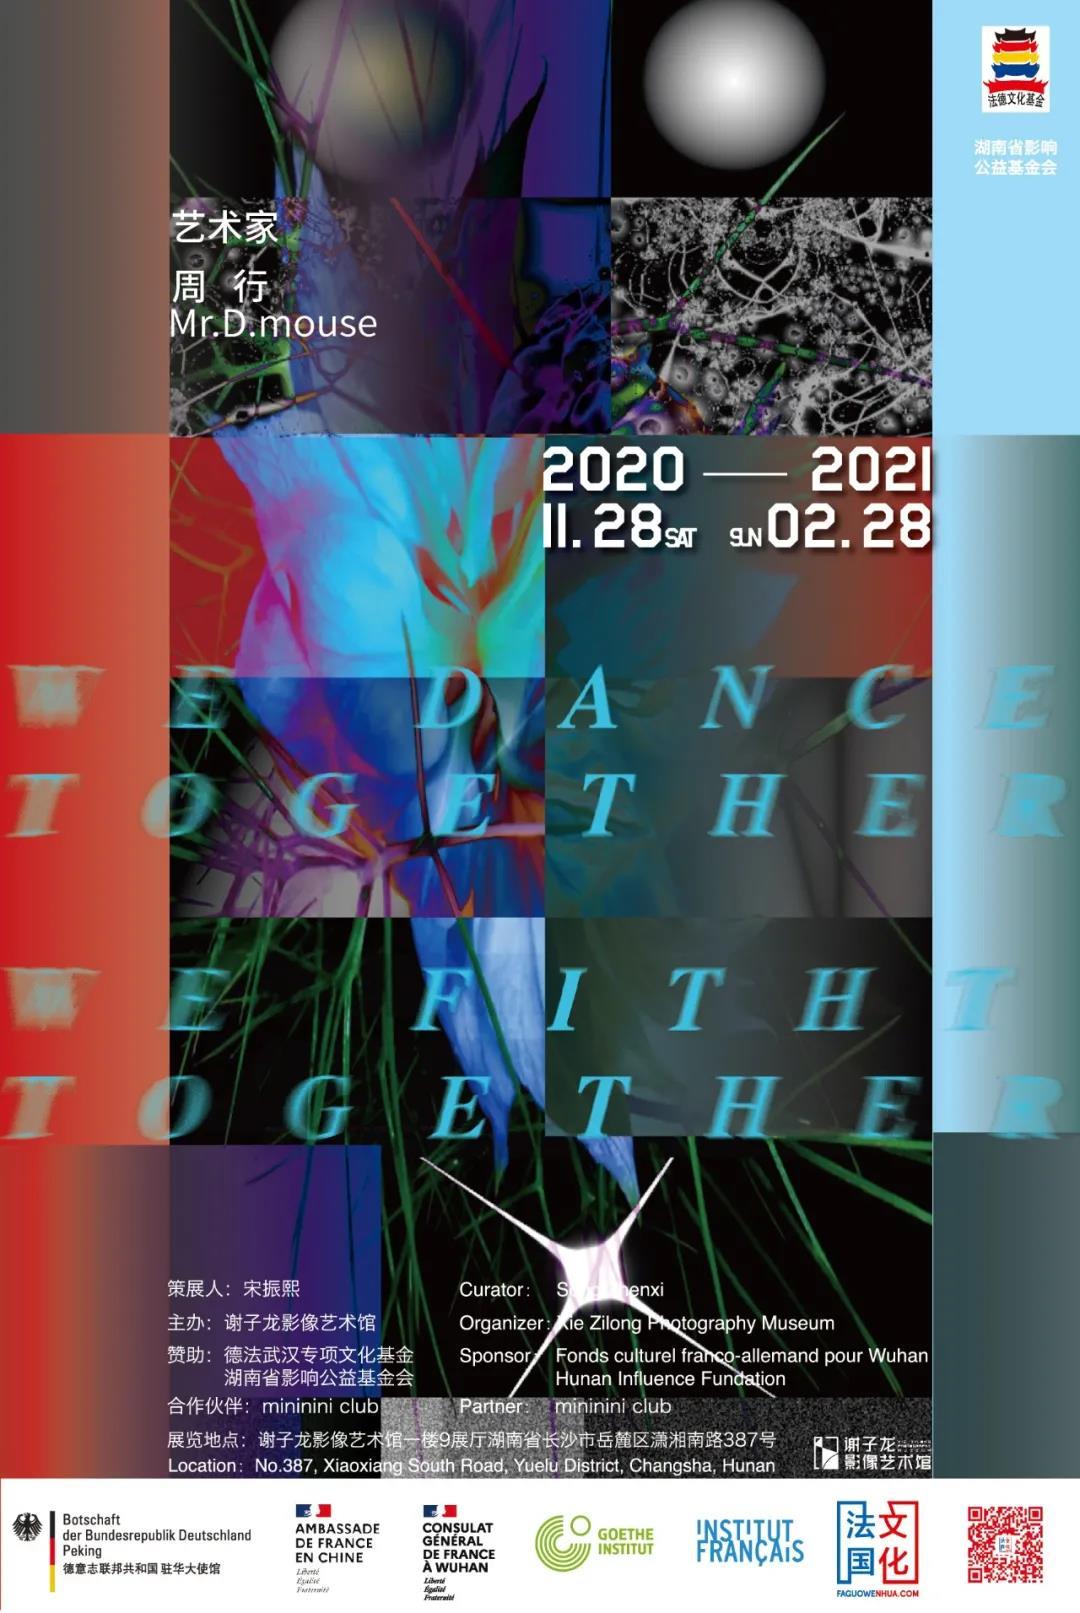 微信图片_20210125114717.jpg